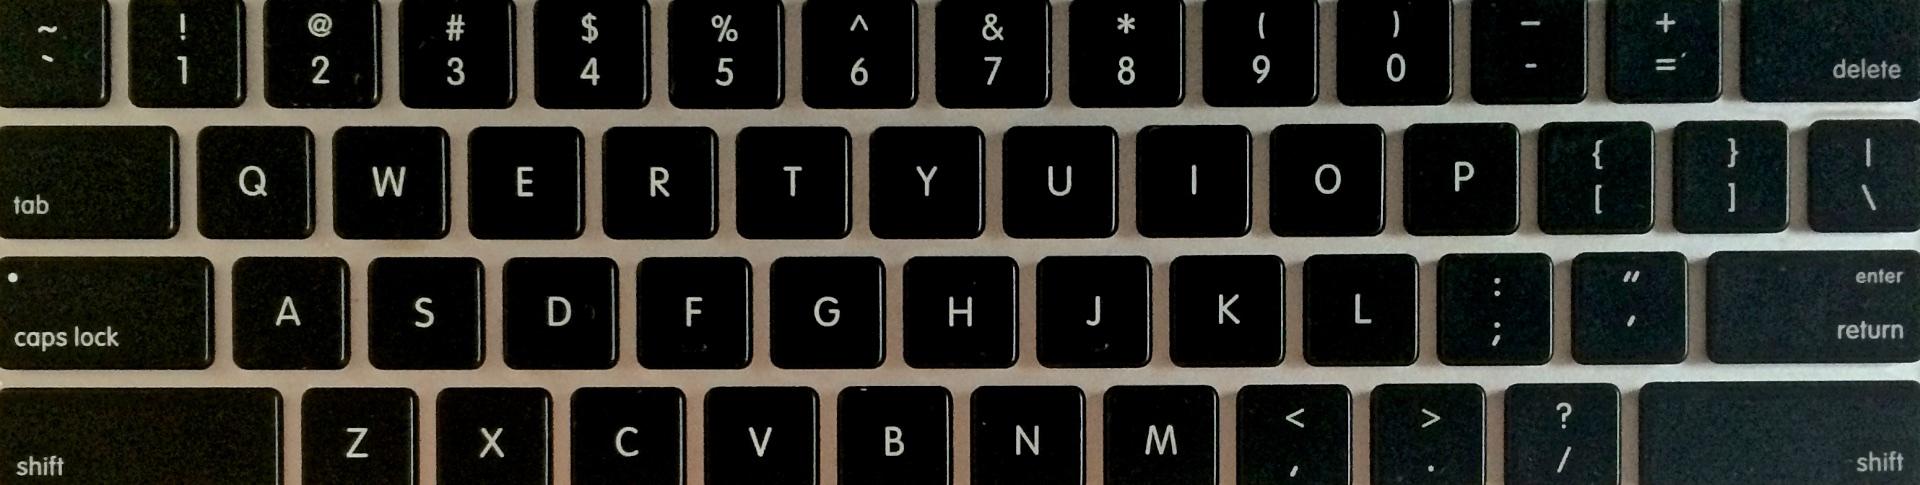 Как быть, если на клавиатуре нет русских букв?